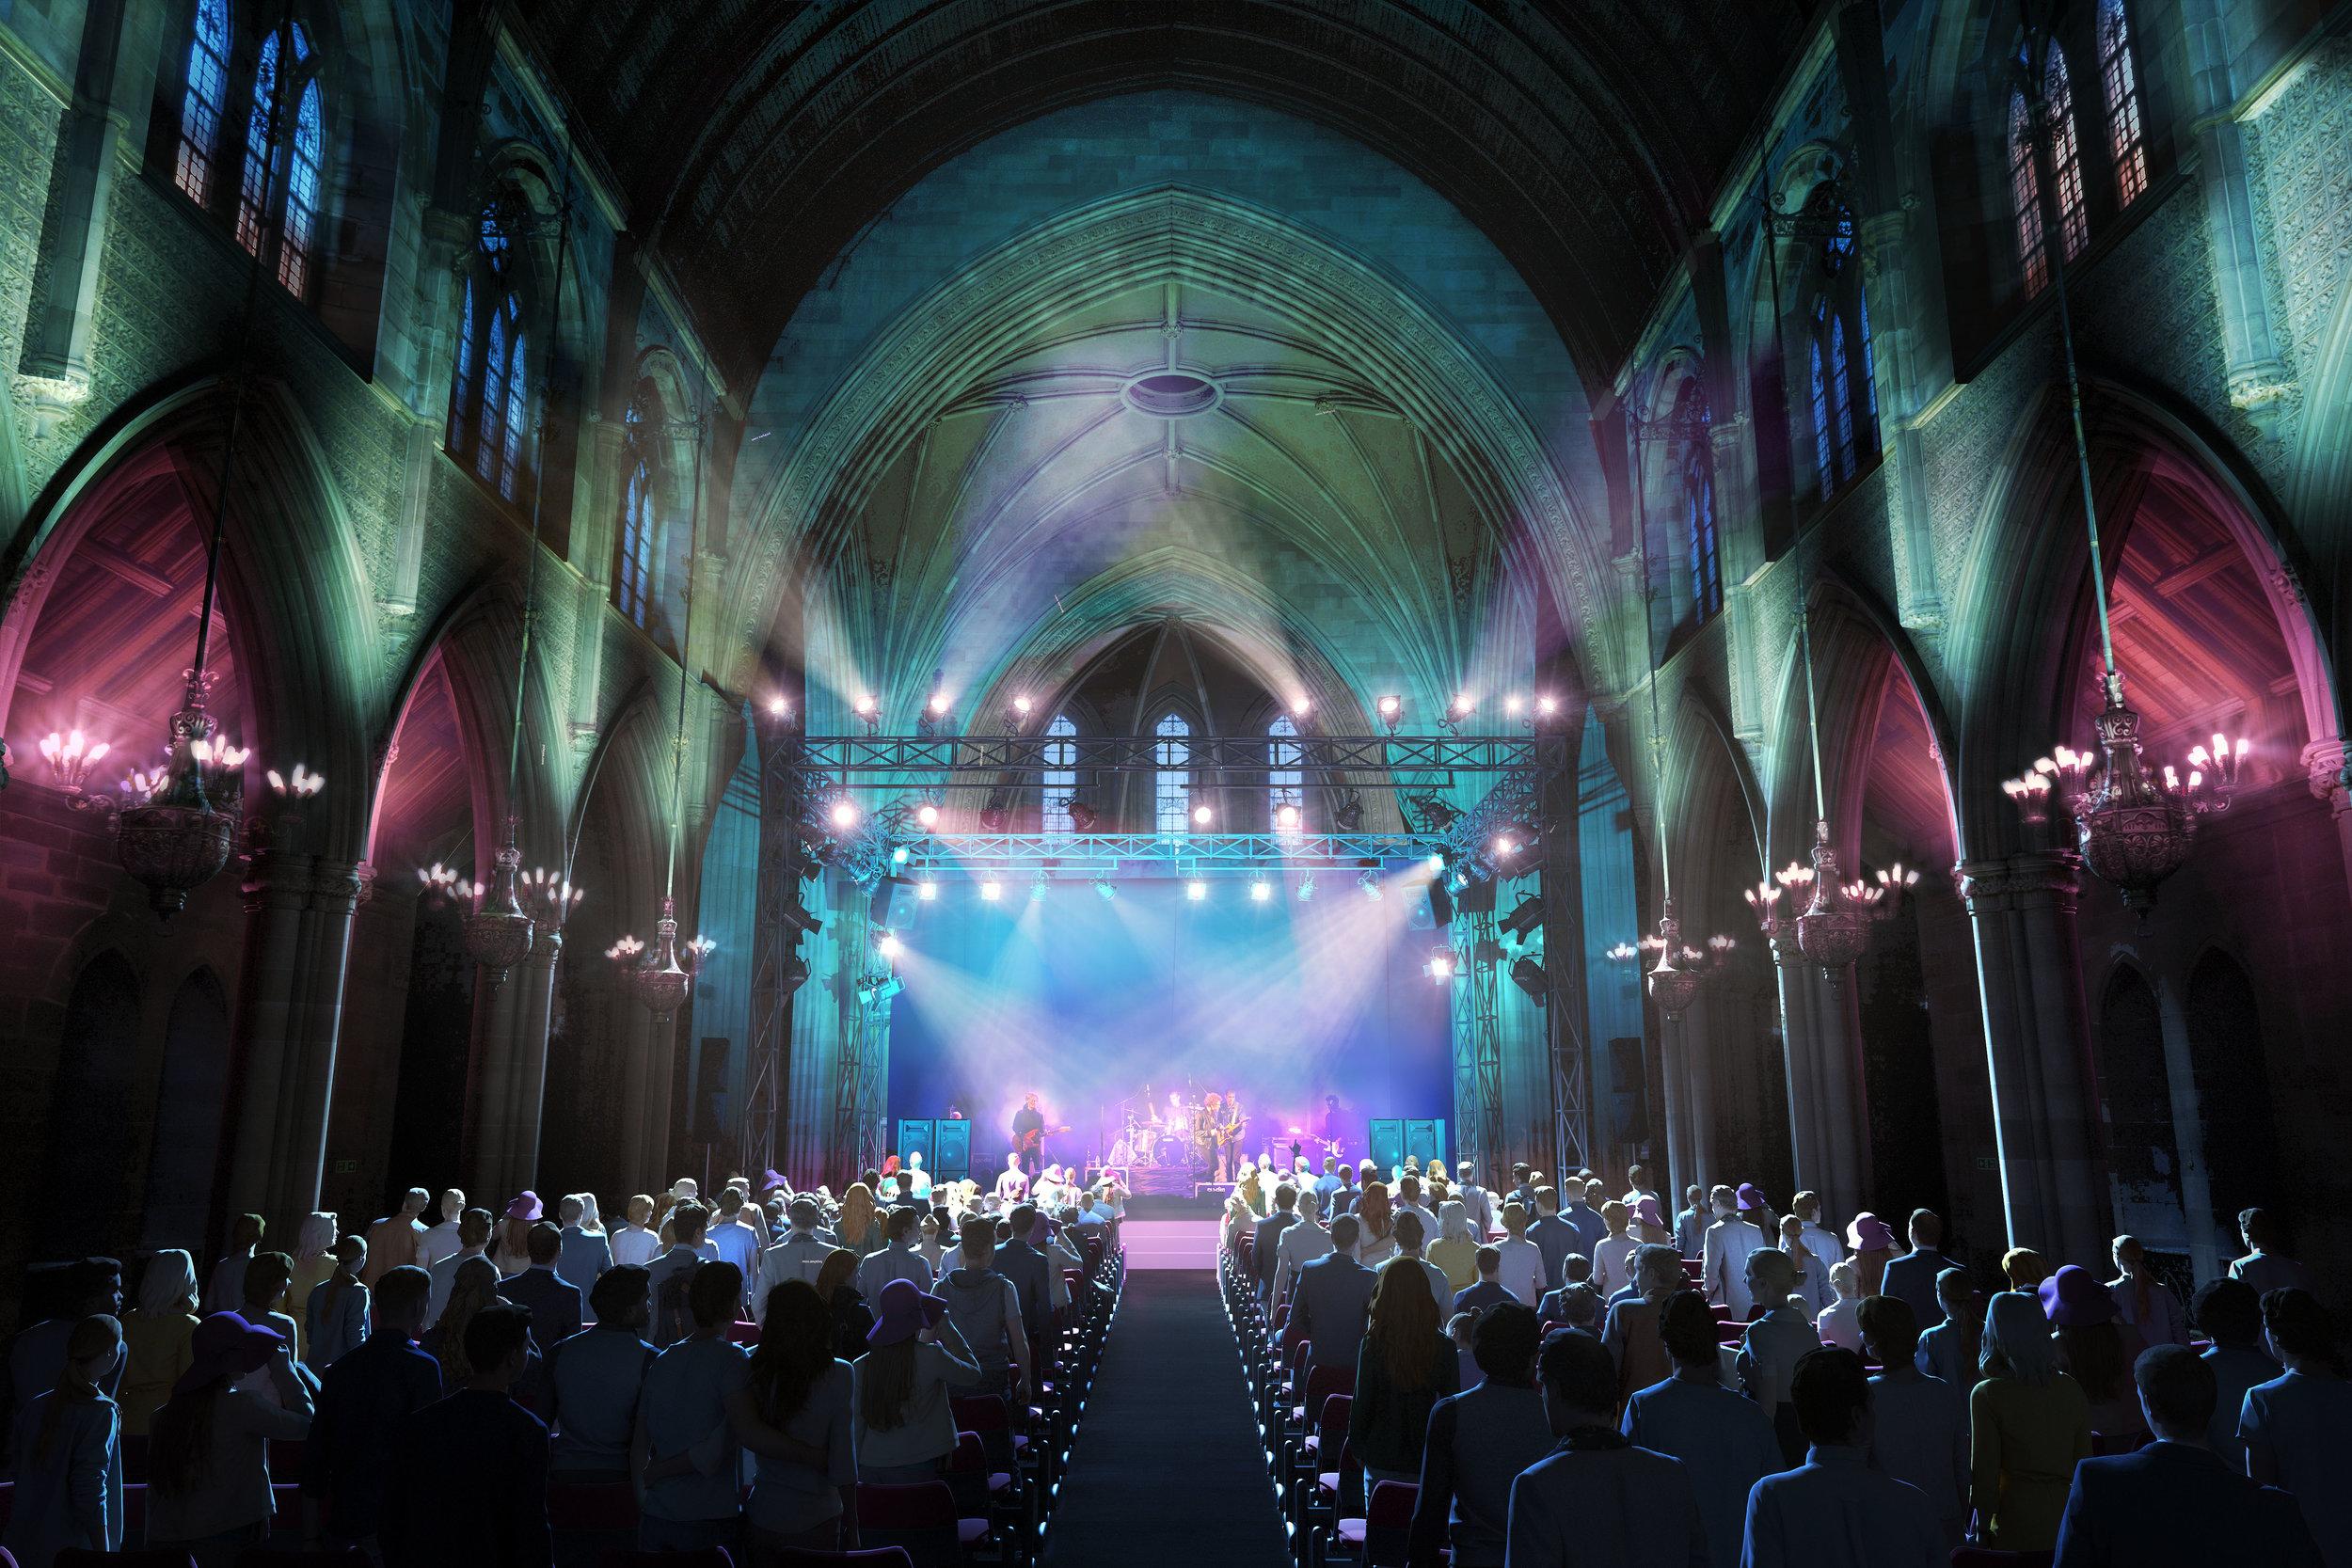 View03_Concert_002.jpg